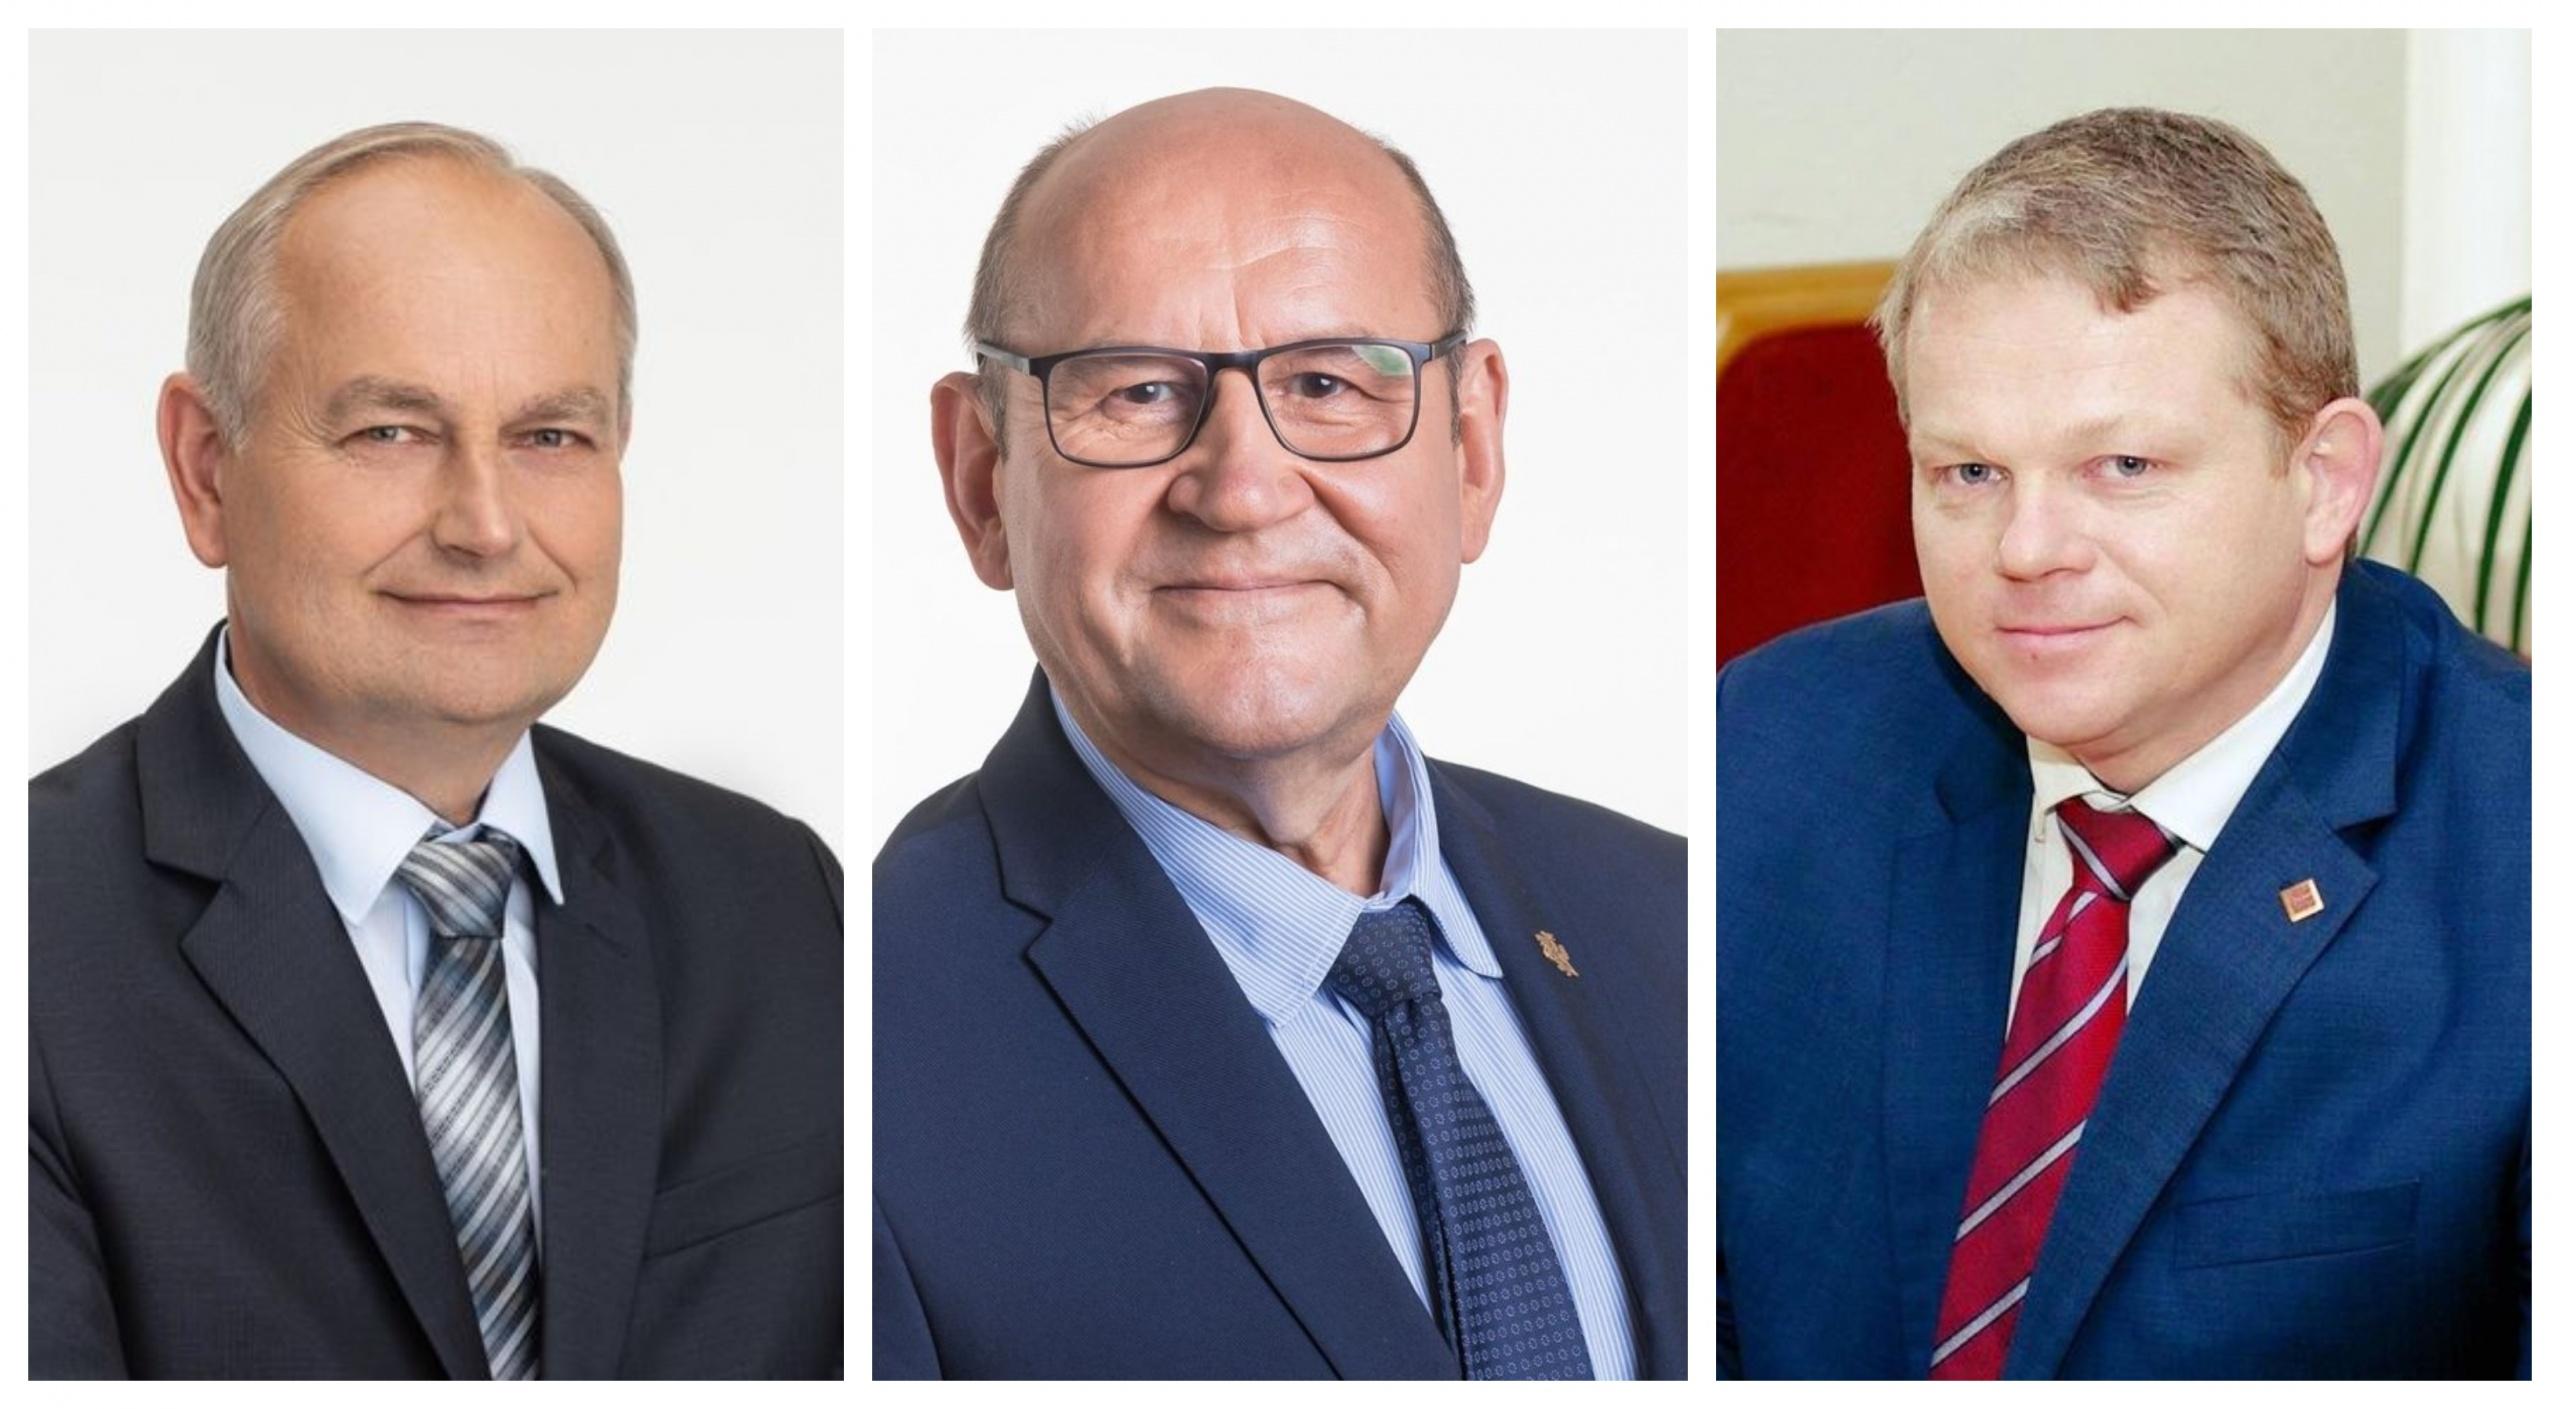 Dzūkai pasirinko: į Seimą siunčia J. Baublį, Z. Streikų ir A. Palionį 1